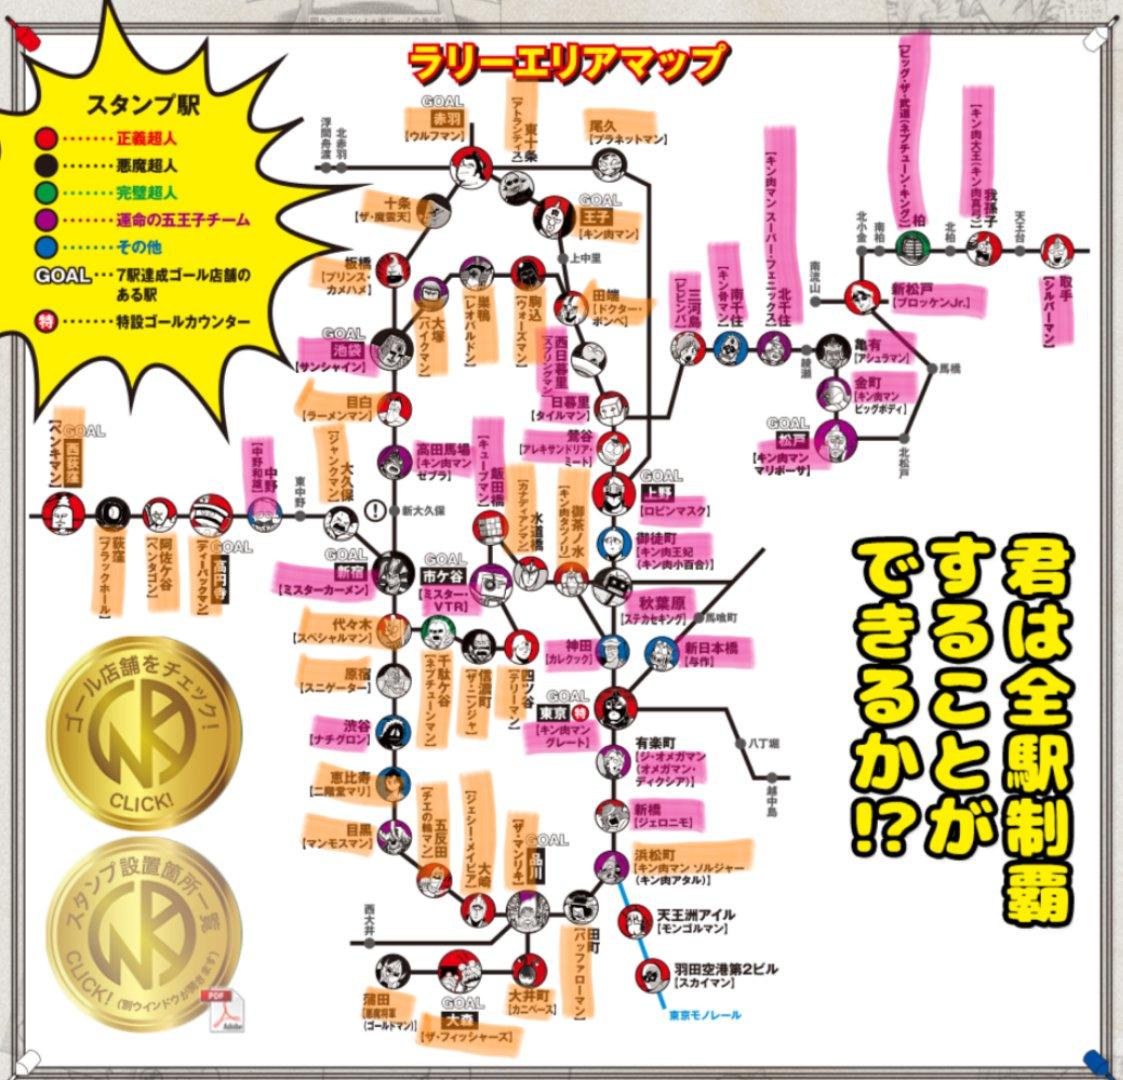 test ツイッターメディア - キン肉マンスタンプラリー。 61/63 残るは東京モノレールの2駅のみ! 週末に休日限定の東京モノレール1日パスで倒せばコンプリート!!! …つかれた _(:3ゝ∠)_ https://t.co/xgAXi98O9V